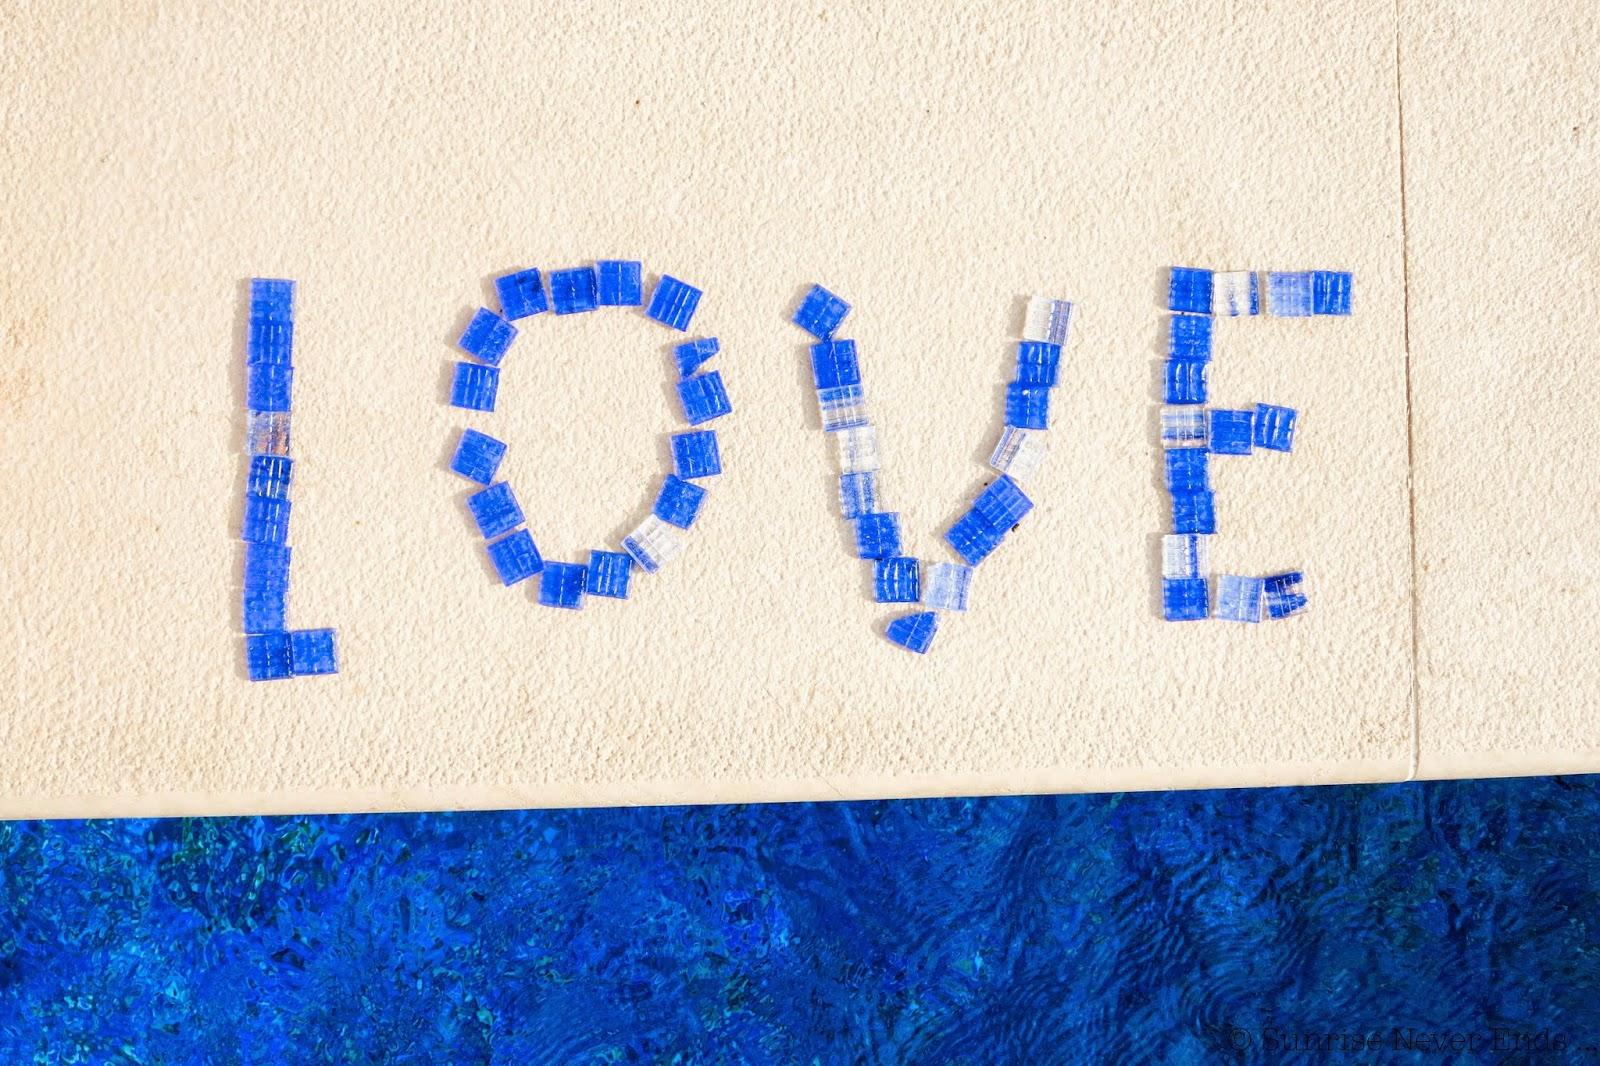 bleu,bleu klein,piscine,carreaux,fondation maeght,la voile d'or,saint jean cap ferrat,saint paul de vence